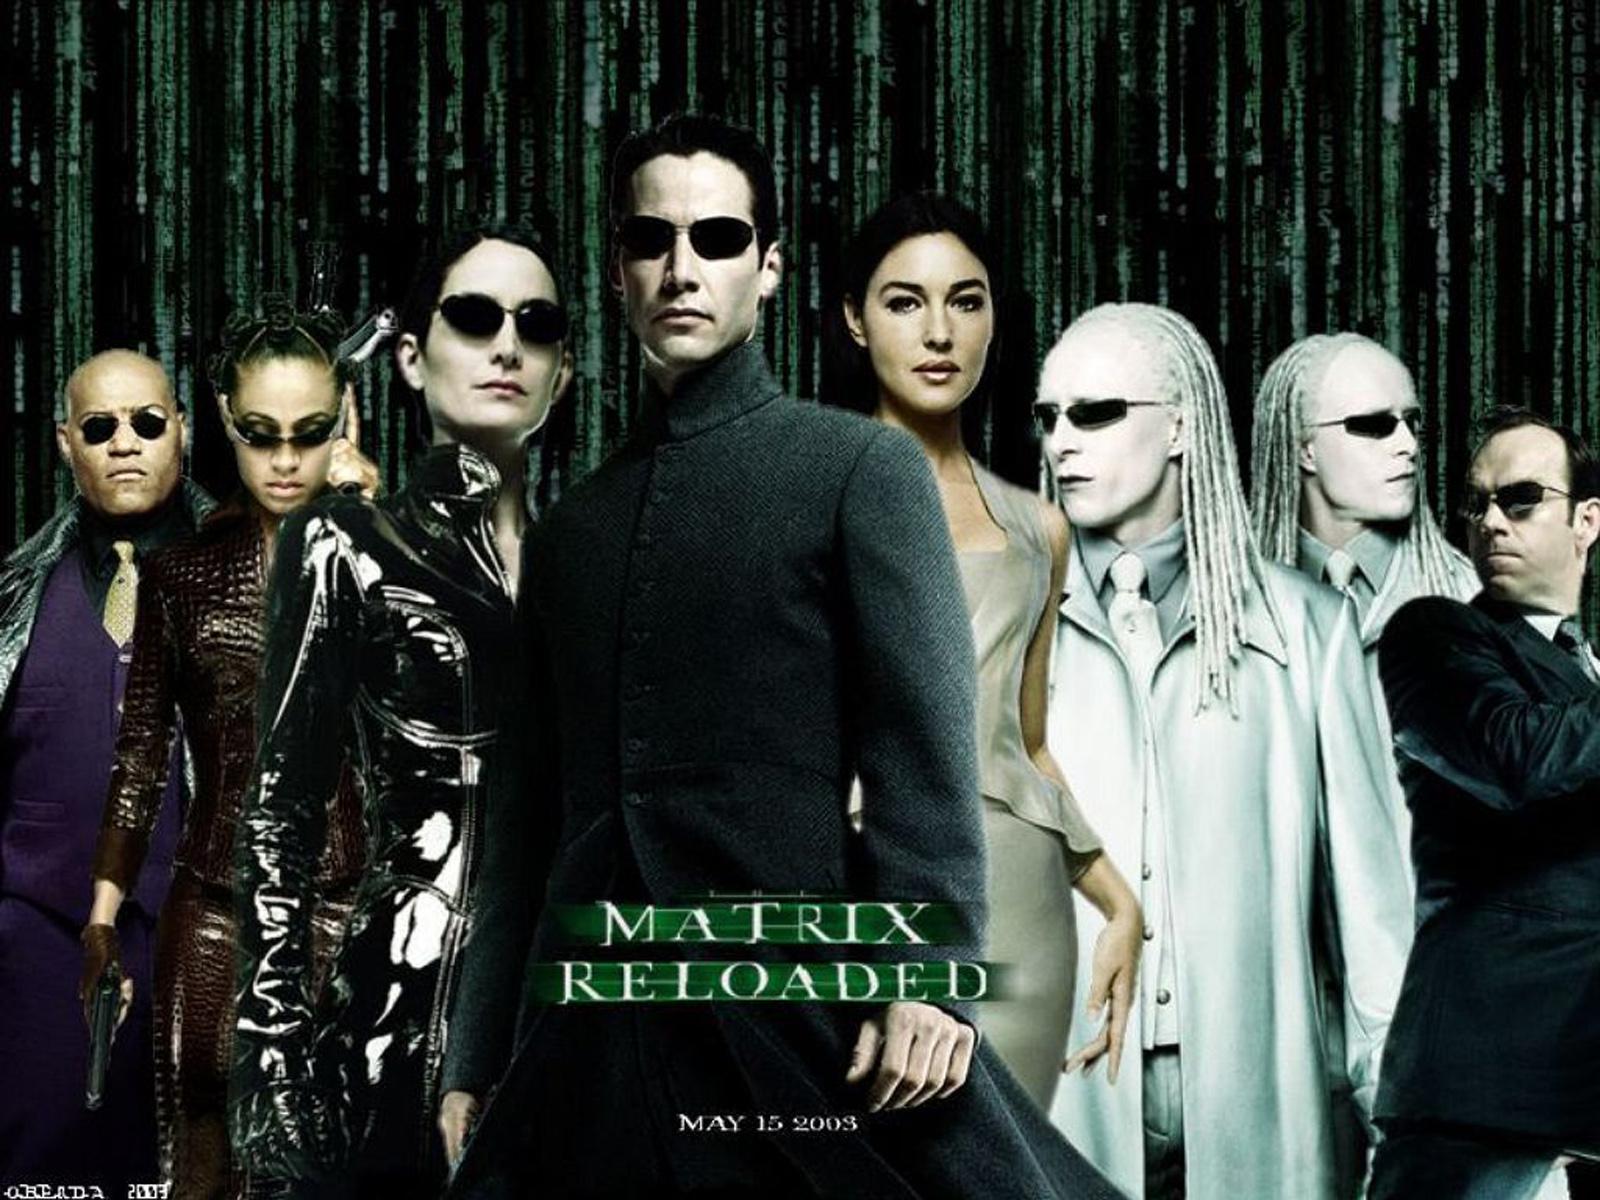 El cine cyberpunk y sus oscuras tecnologías ¿Recuerdas Matrix?